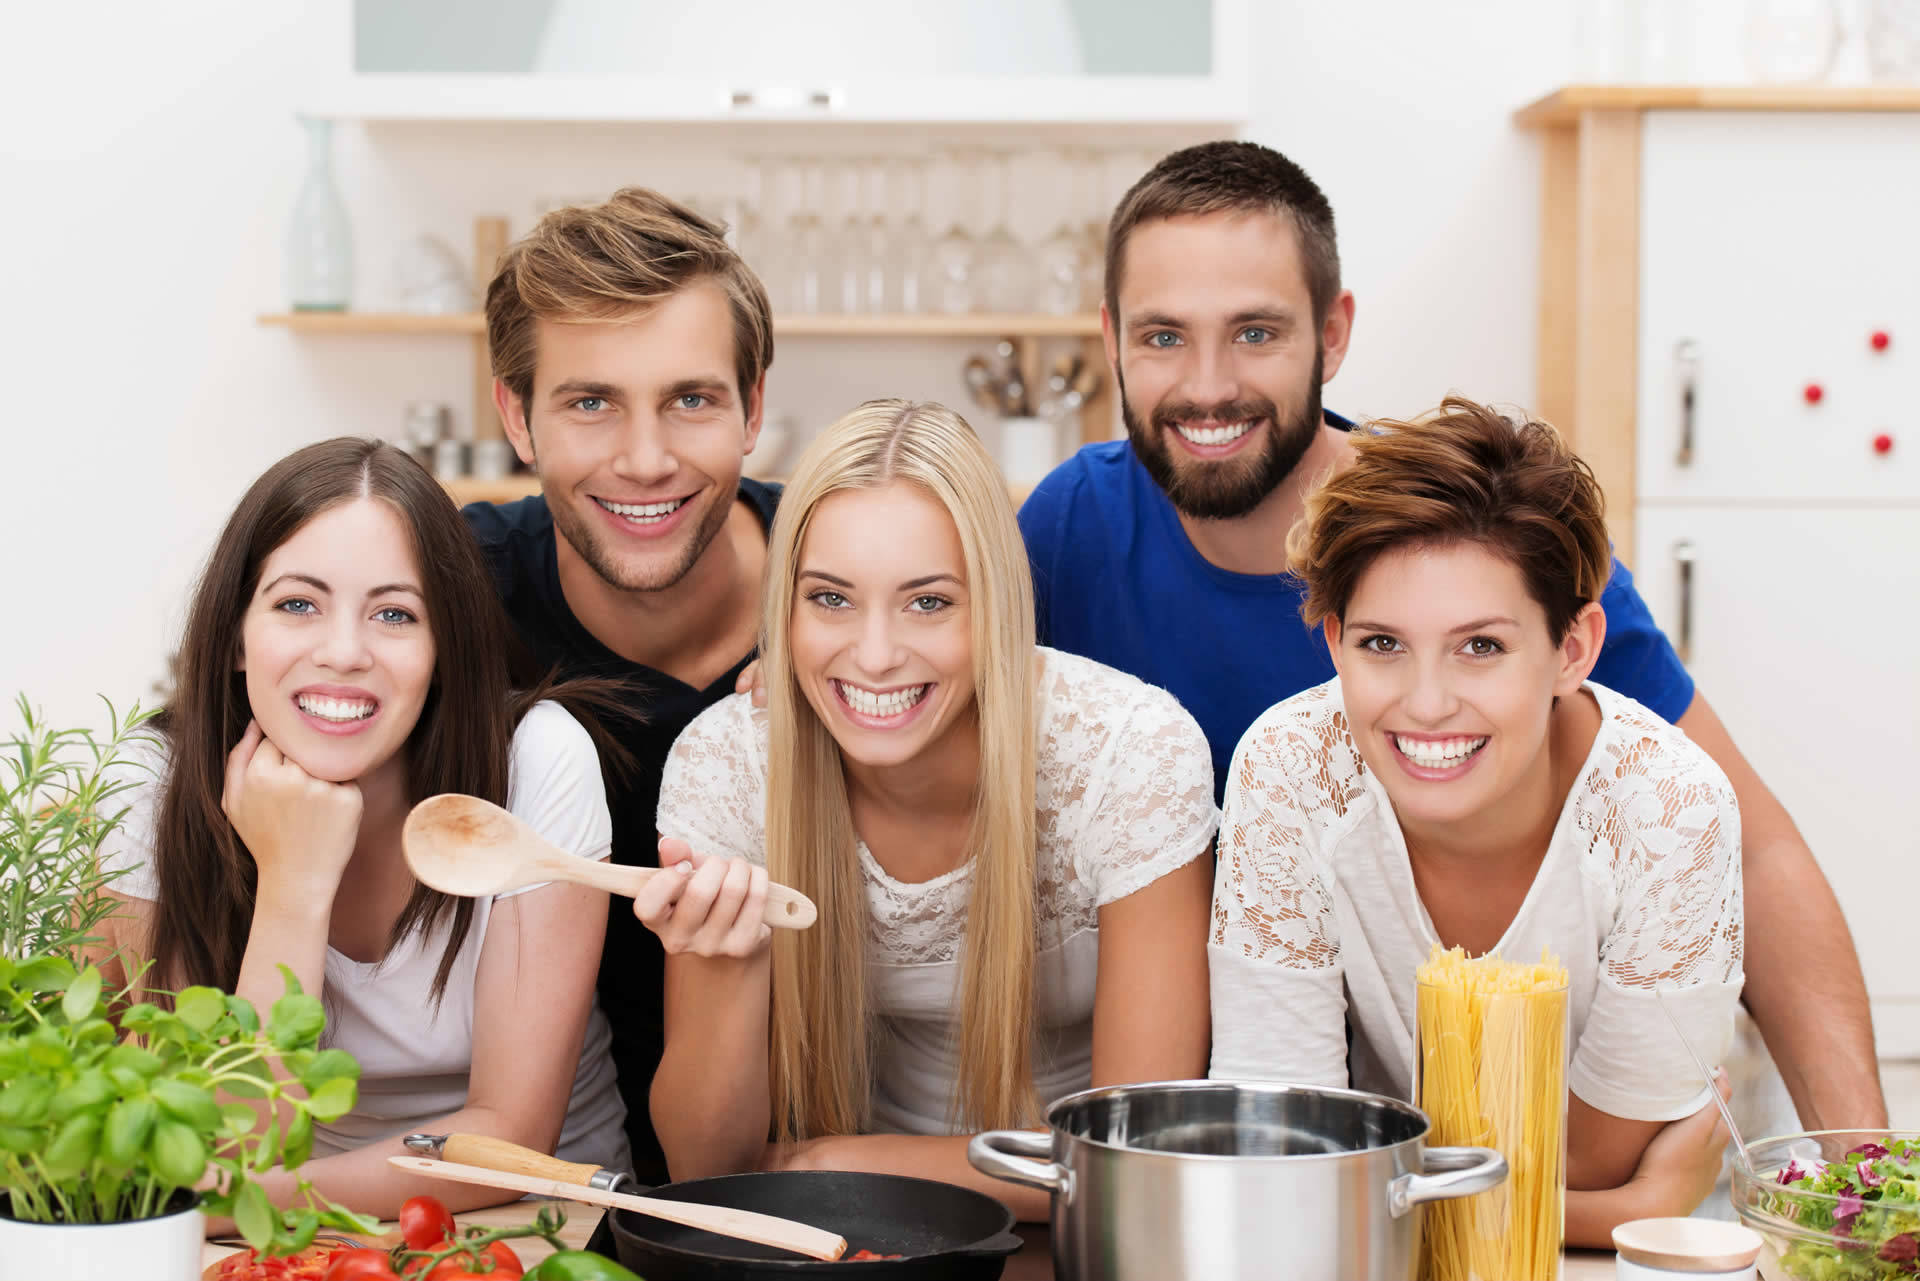 Hábitos Alimenticios en el Proceso de Aprendizaje